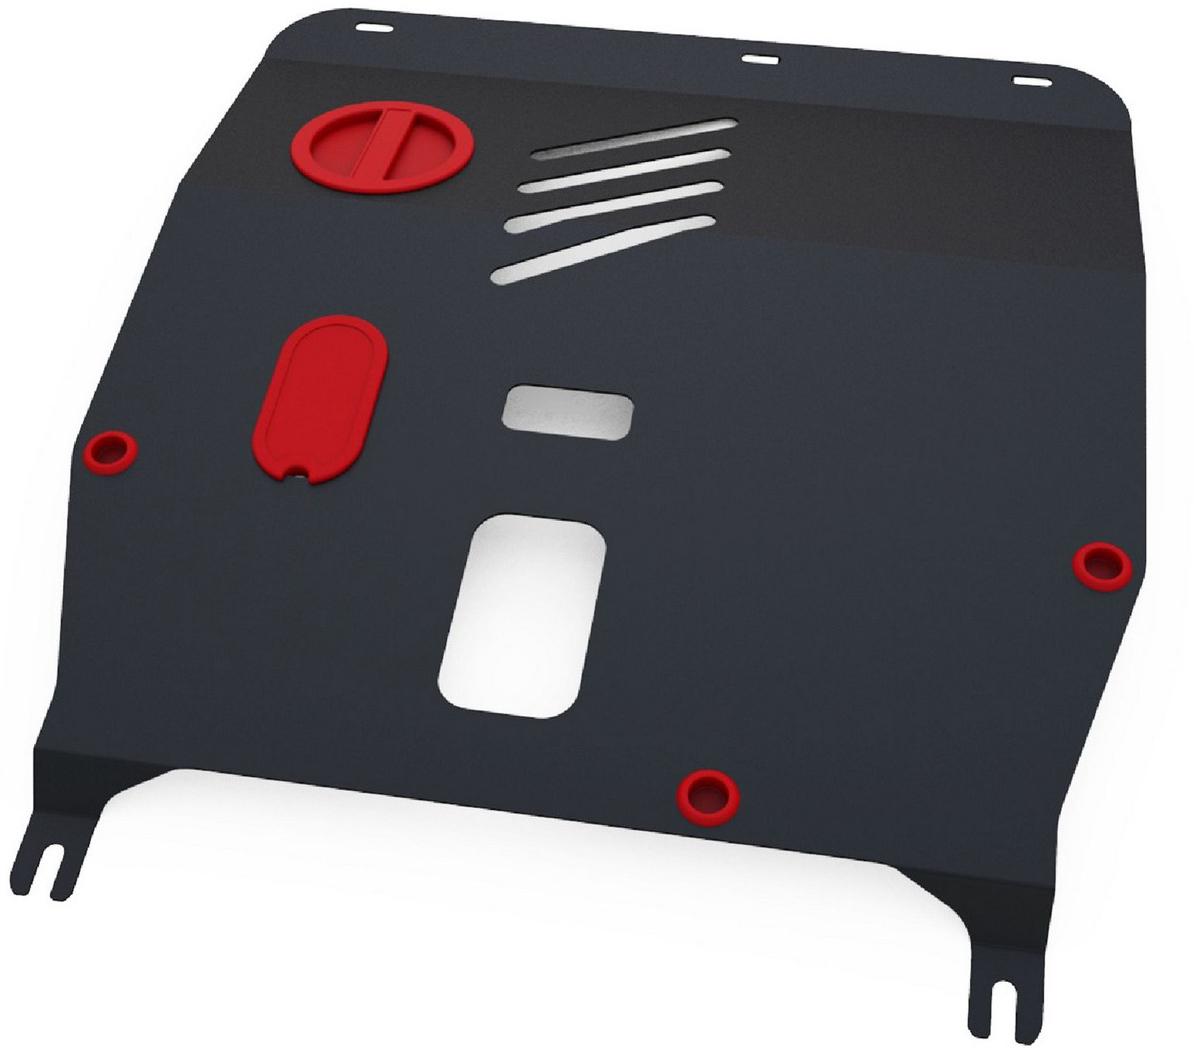 Защита картера и КПП Автоброня Fiat 500 2009-, сталь 2 мм1.01706.1Защита картера и КПП Автоброня Fiat 500, V - 1,2; 1,4 2009-, сталь 2 мм, штатный крепеж, 1.01706.1Стальные защиты Автоброня надежно защищают ваш автомобиль от повреждений при наезде на бордюры, выступающие канализационные люки, кромки поврежденного асфальта или при ремонте дорог, не говоря уже о загородных дорогах. - Имеют оптимальное соотношение цена-качество. - Спроектированы с учетом особенностей автомобиля, что делает установку удобной. - Защита устанавливается в штатные места кузова автомобиля. - Является надежной защитой для важных элементов на протяжении долгих лет. - Глубокий штамп дополнительно усиливает конструкцию защиты. - Подштамповка в местах крепления защищает крепеж от срезания. - Технологические отверстия там, где они необходимы для смены масла и слива воды, оборудованные заглушками, закрепленными на защите. Толщина стали 2 мм. В комплекте инструкция по установке. При установке используется штатный крепеж автомобиля.Уважаемые клиенты! Обращаем ваше внимание на тот факт, что защита имеет форму, соответствующую модели данного автомобиля. Наличие глубокого штампа и лючков для смены фильтров/масла предусмотрено не на всех защитах. Фото служит для визуального восприятия товара.